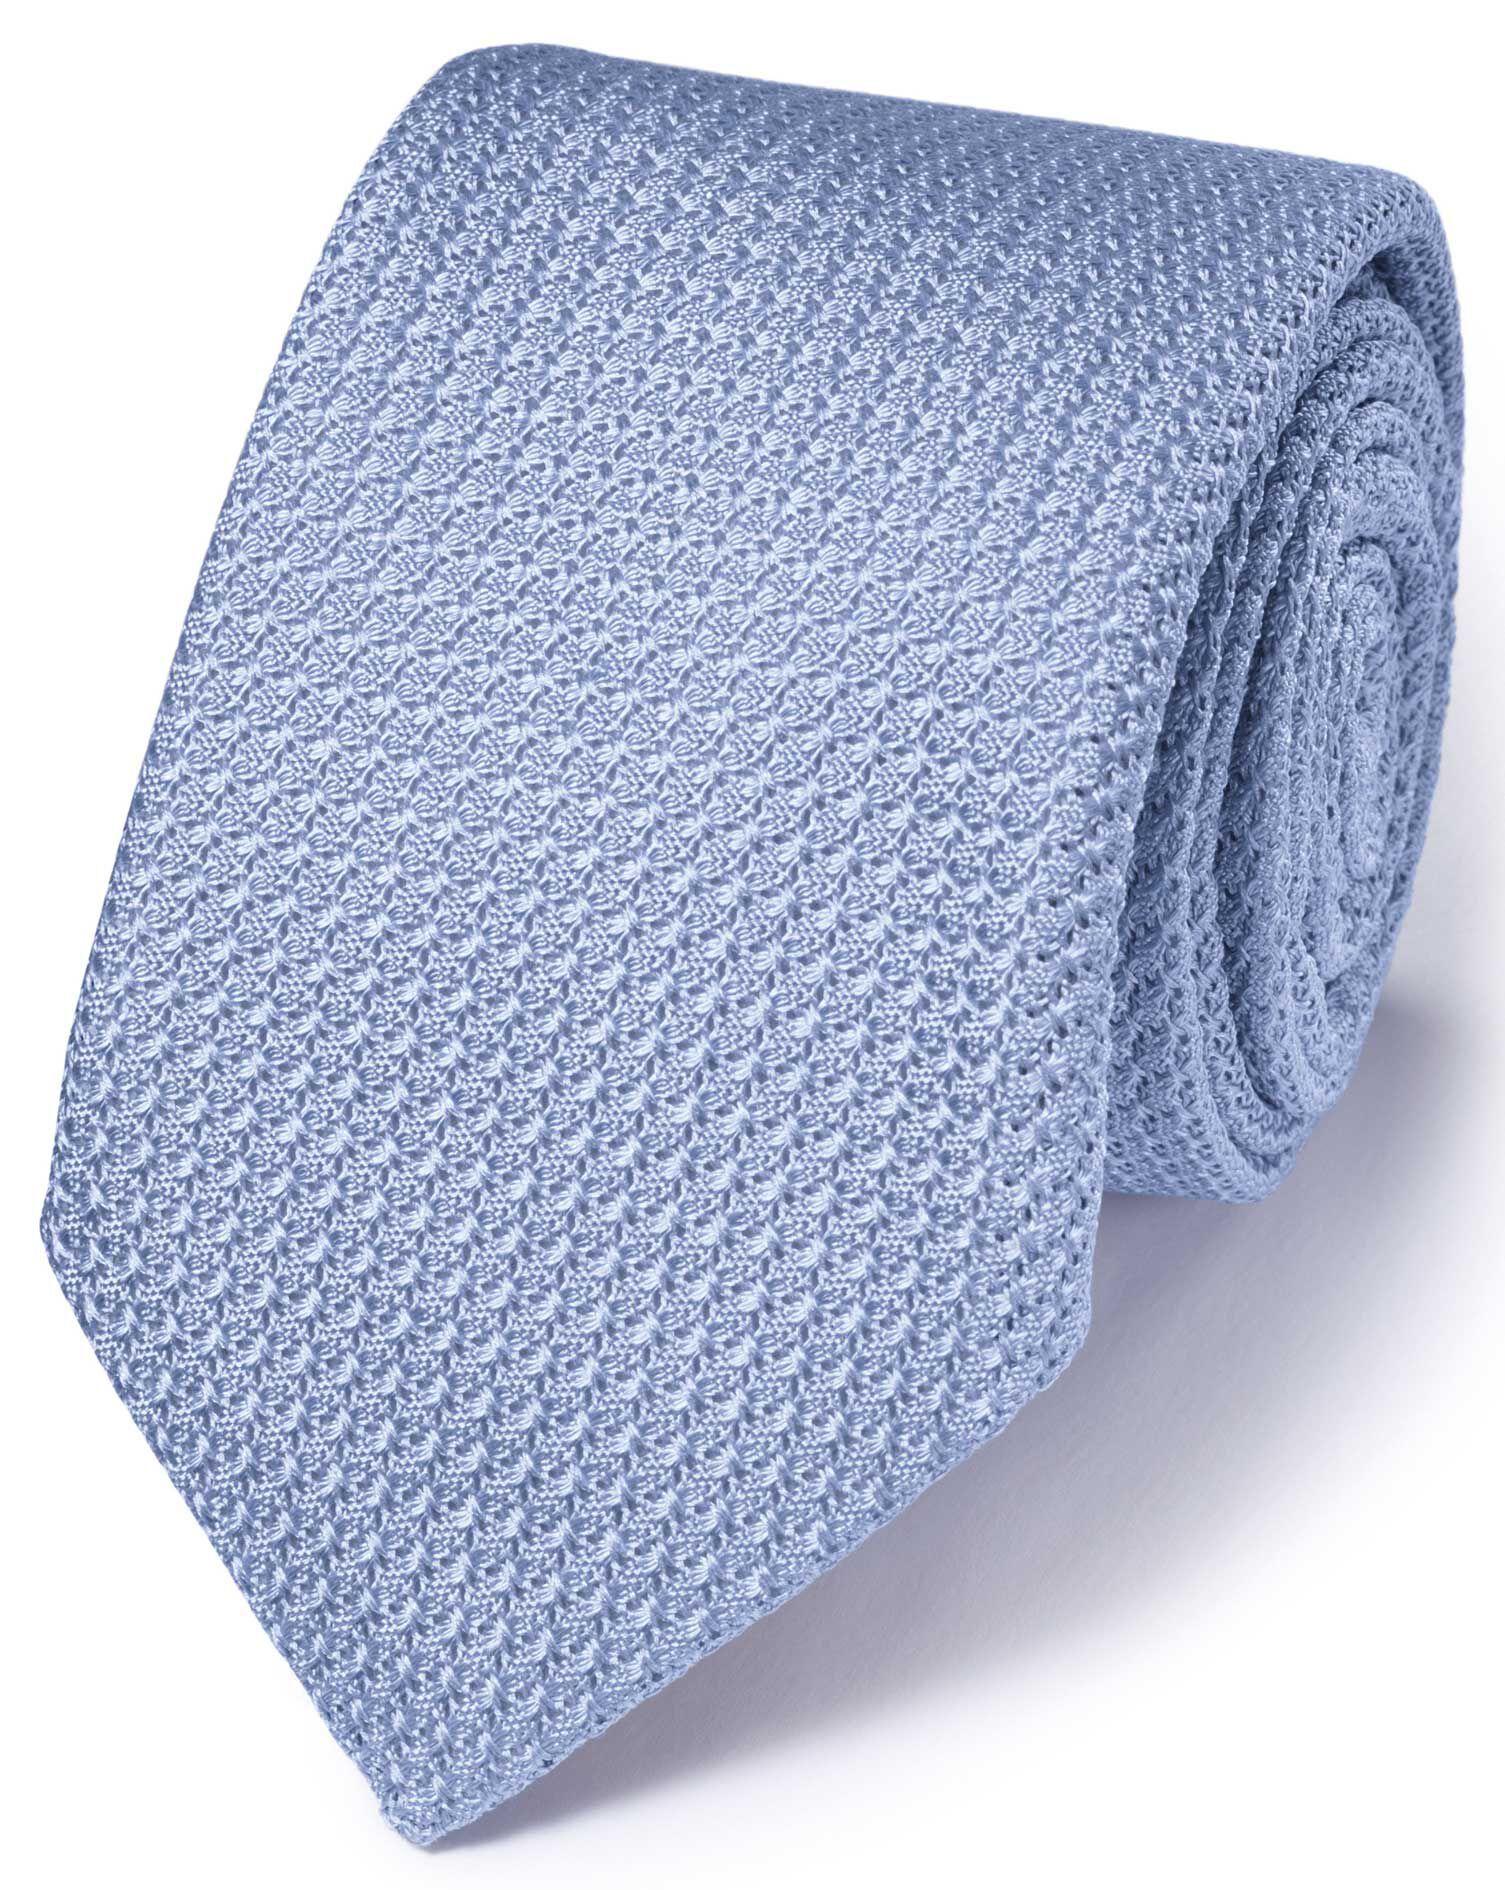 Sky Silk Italian Luxury Plain Grenadine Tie Size OSFA by Charles Tyrwhitt